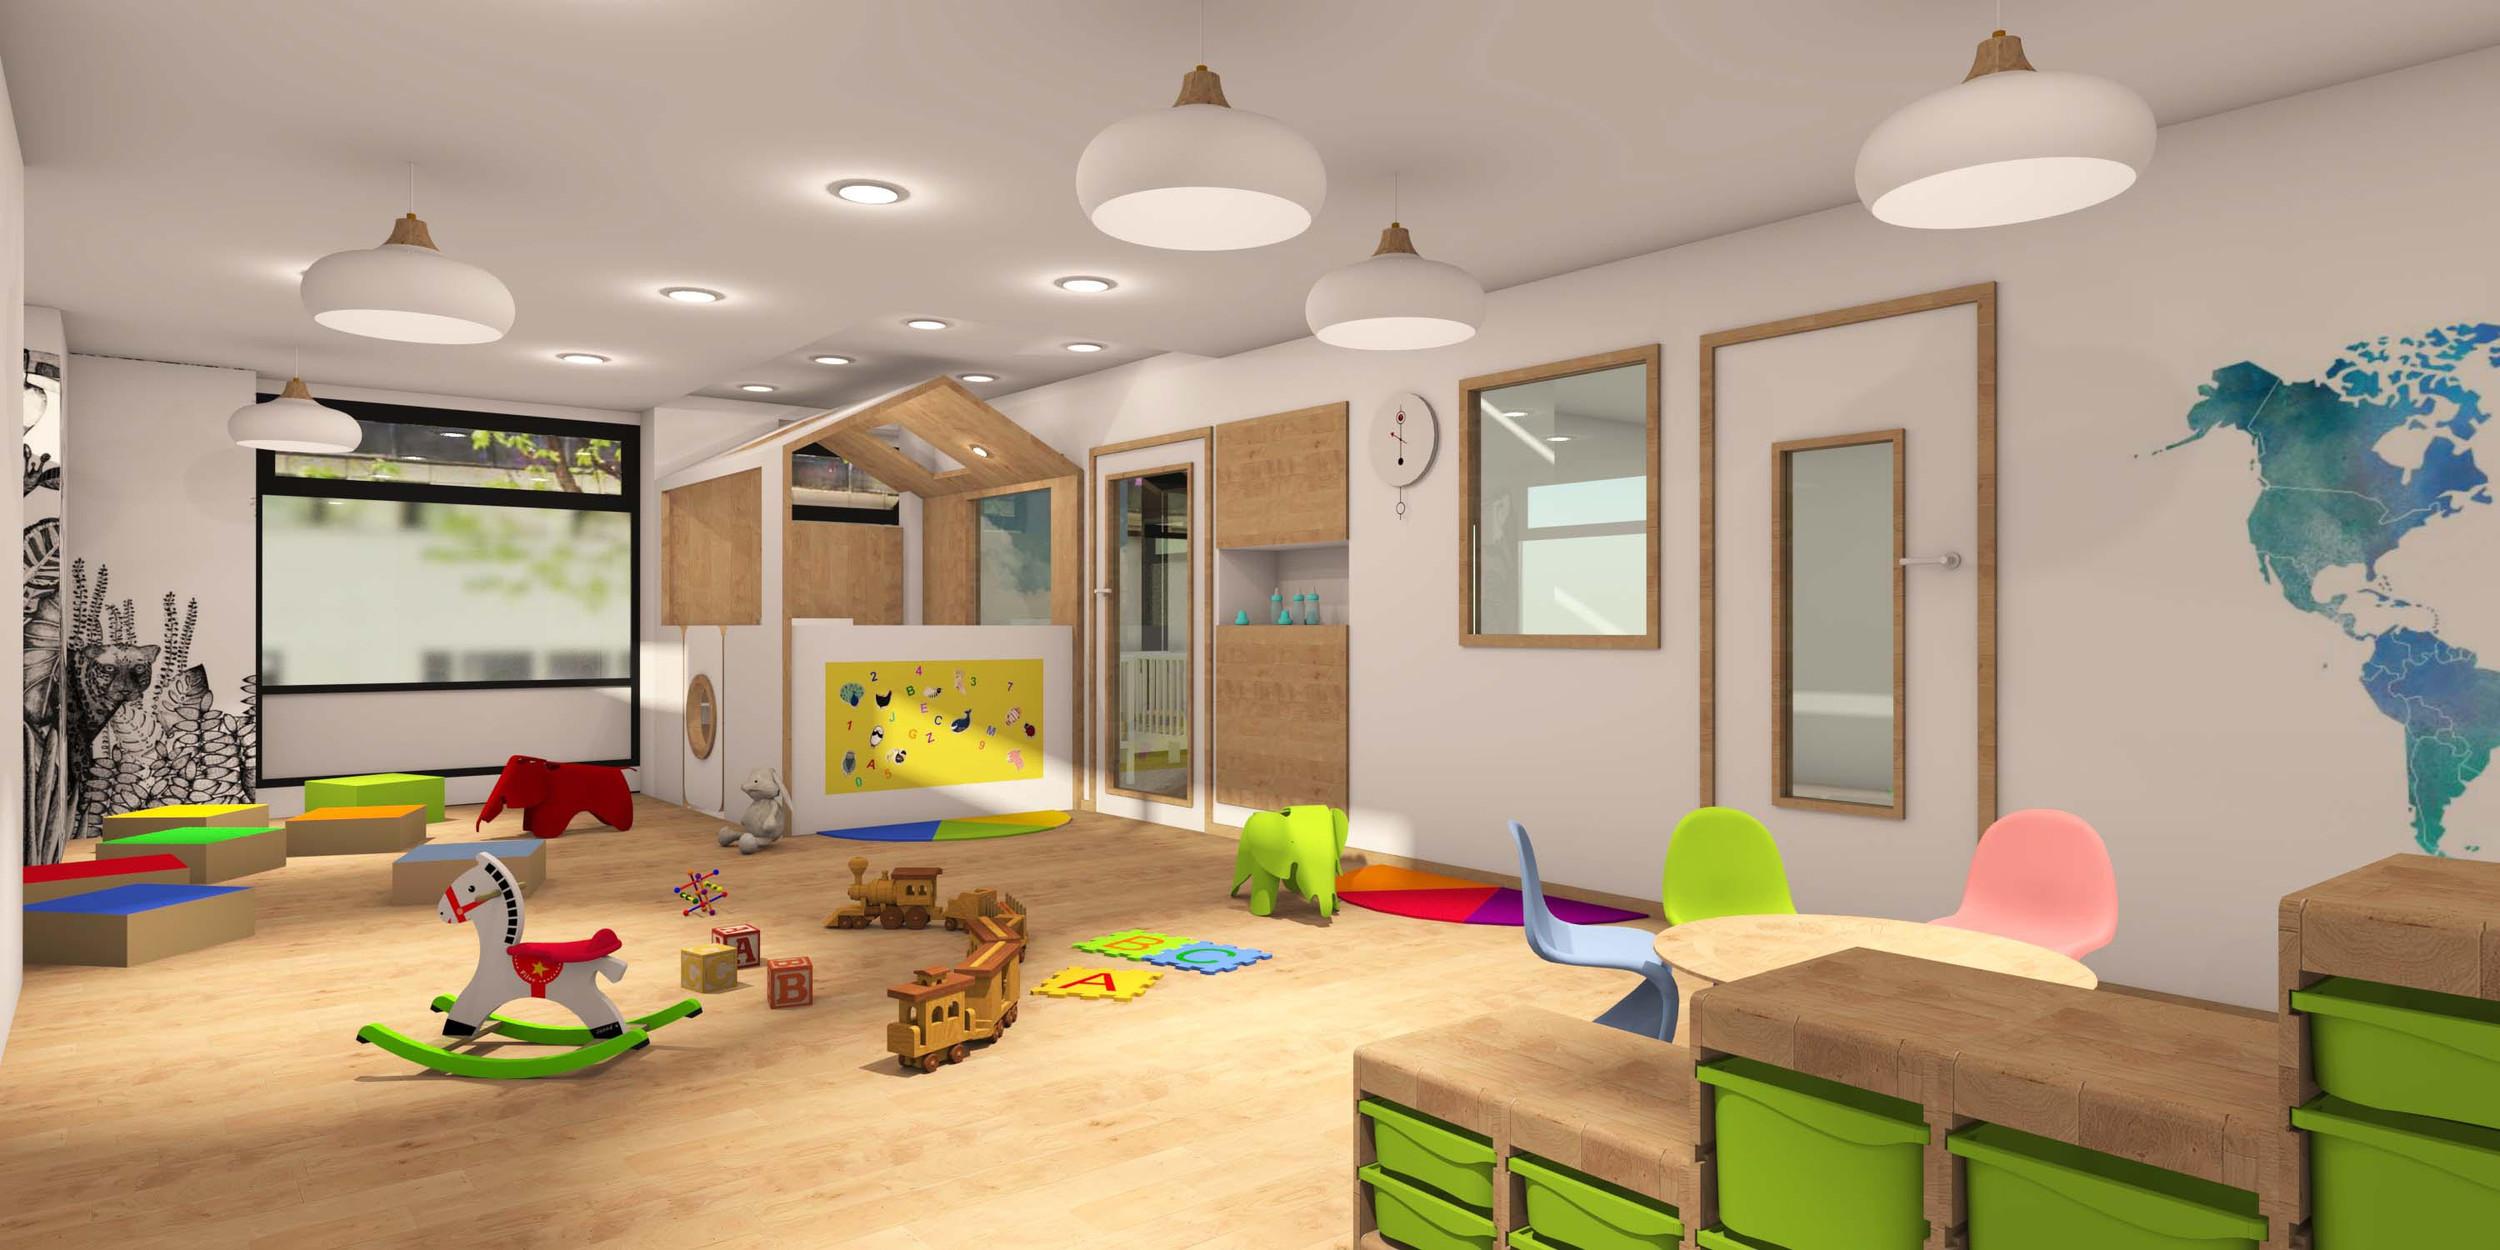 Creche Bilingue Montessori Paris Levallois Perret Claudine Olivier